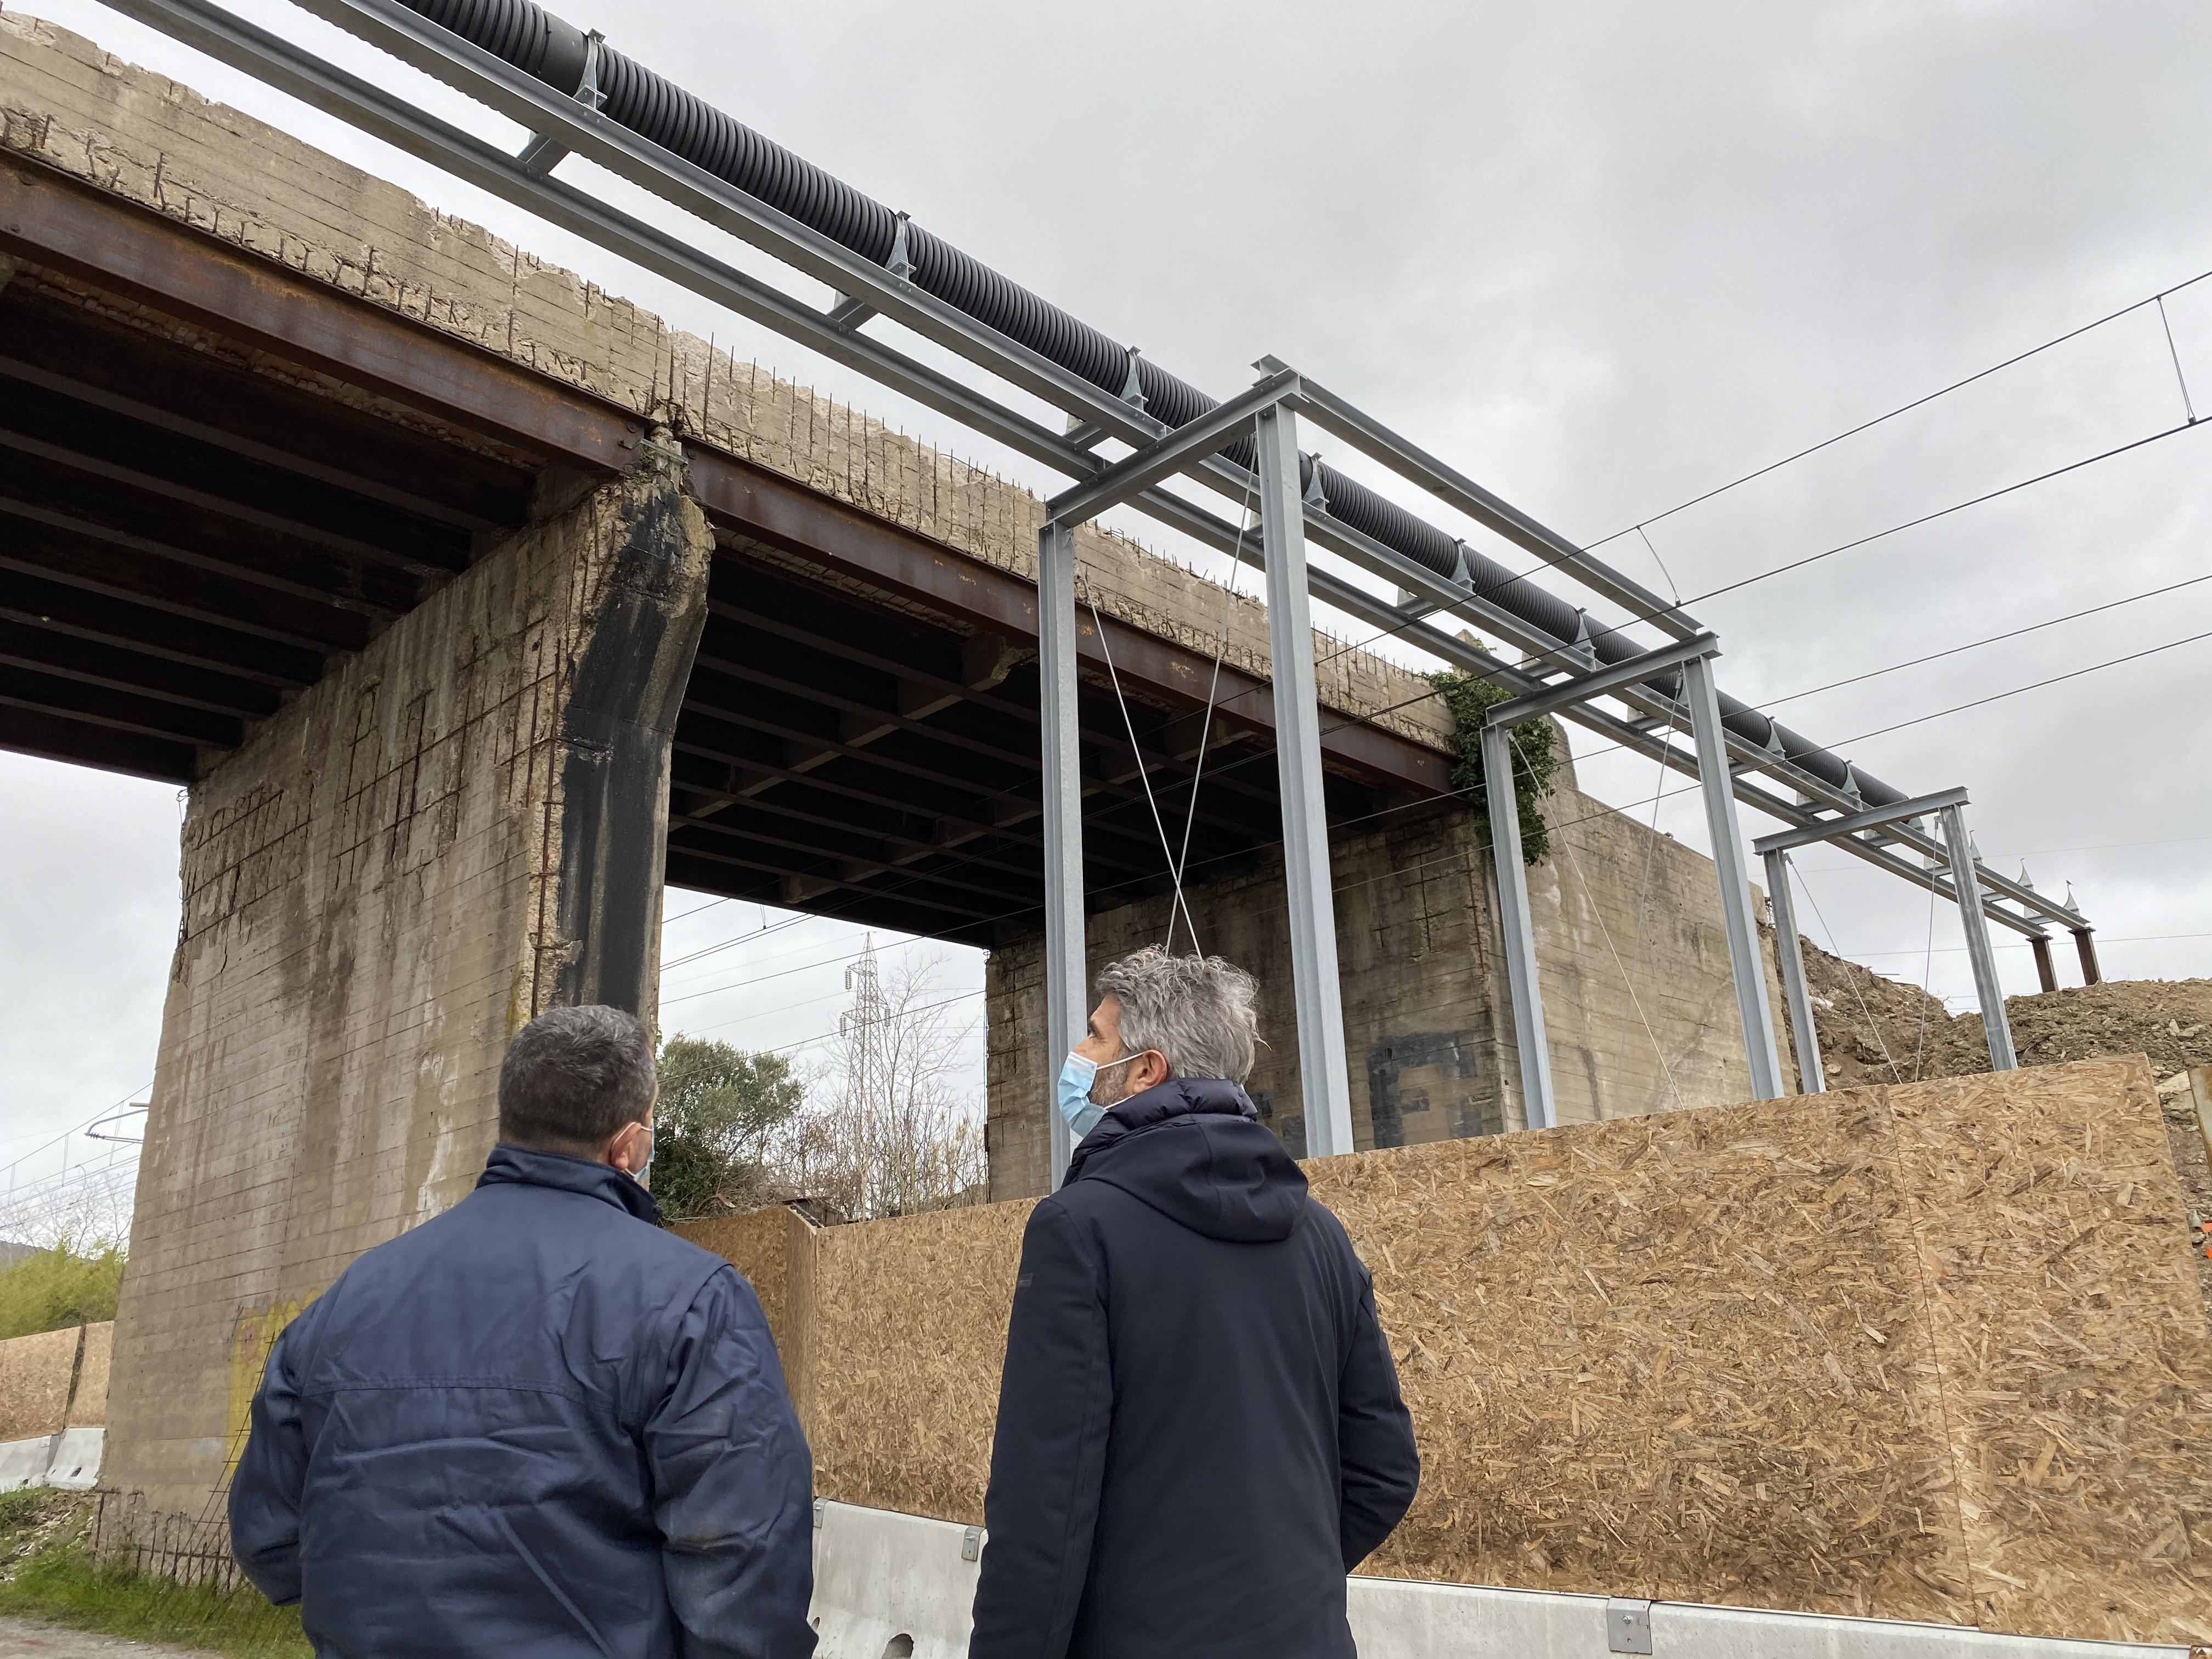 Ripartono i lavori per il ponte delle Terre rosse, entro fine febbraio la demolizione